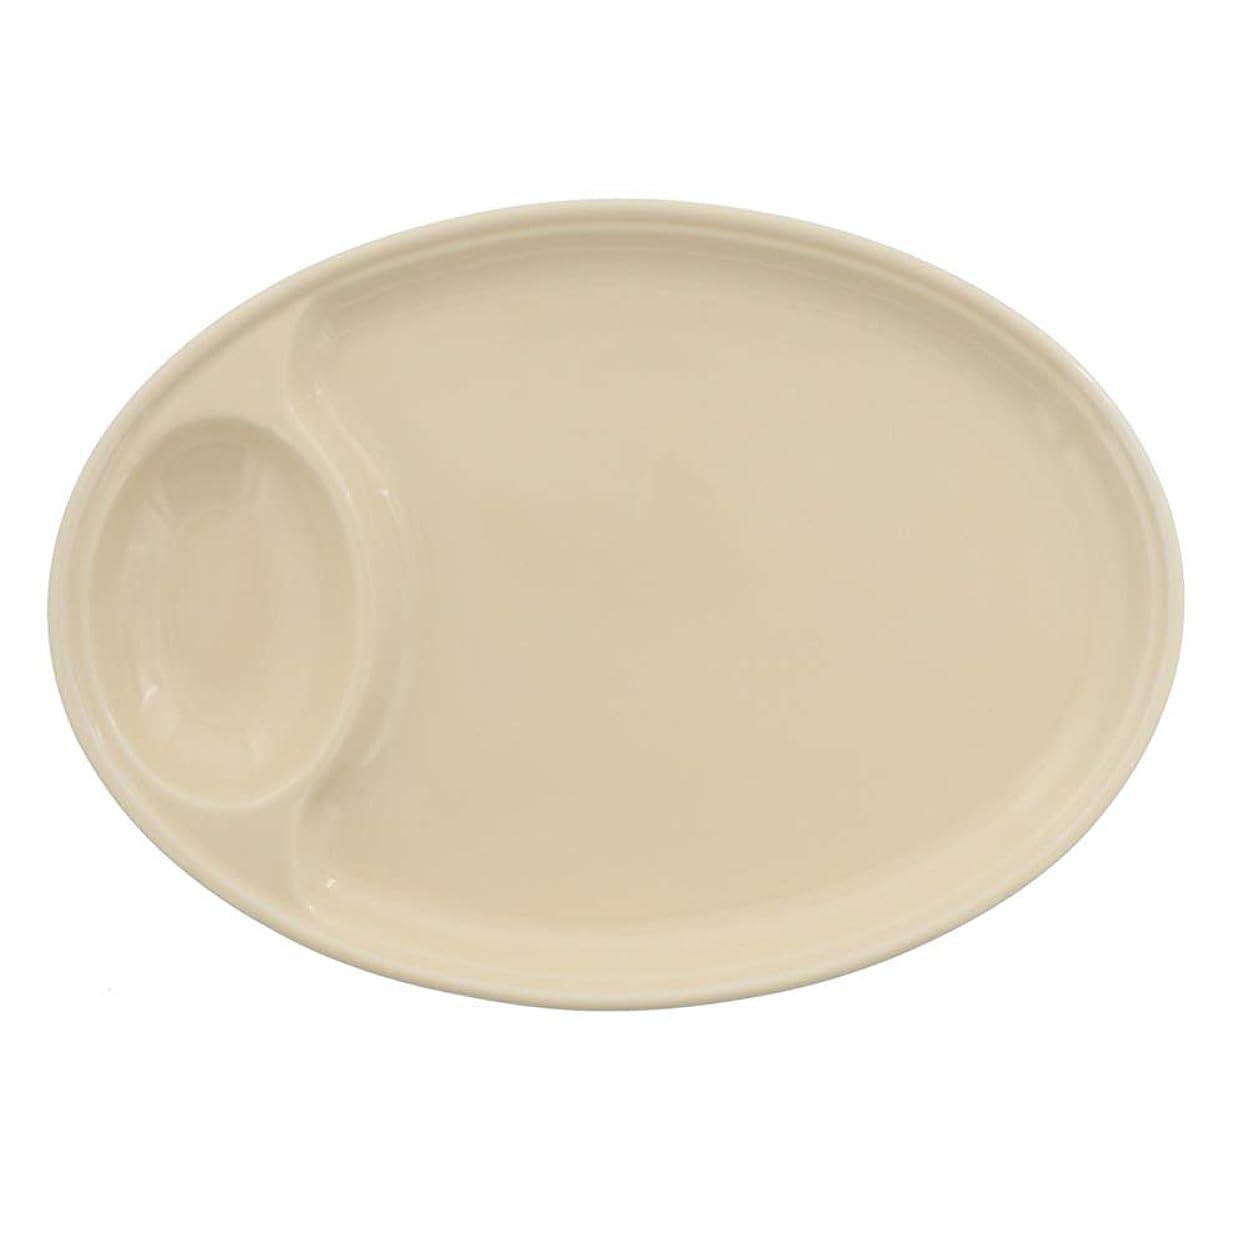 テロリスト路地違反テーブルウェアイースト 餃子皿 楕円 クリーム プレート 中皿 和食器 (クリーム)